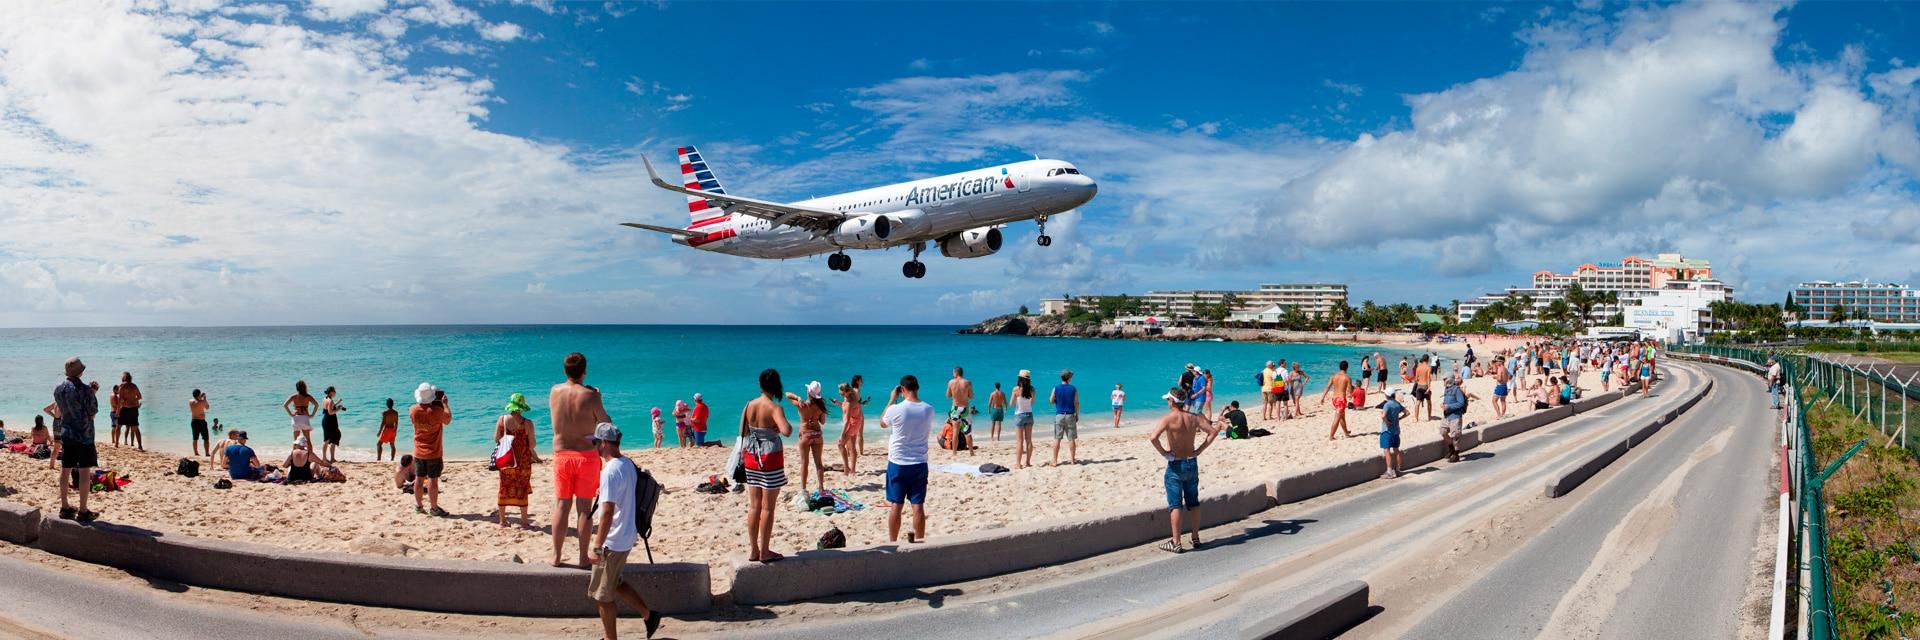 Saint Martin - Sint Maarten - Welcome